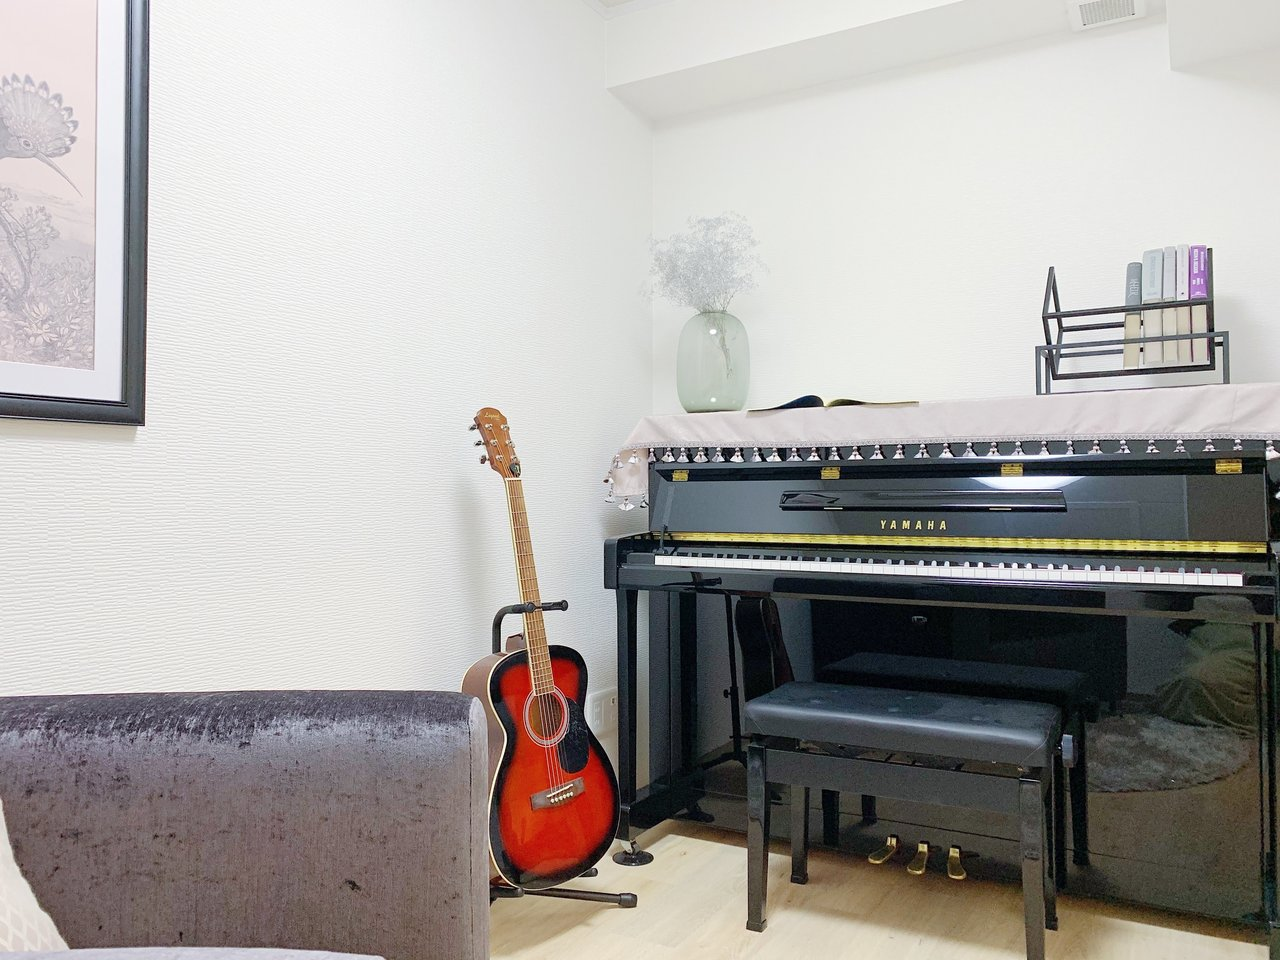 こちらのお部屋、4.7畳の防音室がついているんです!アップライトピアノなど、余裕で置けてしまう広さ。「楽器、やってみたかったんだよね」という方、チャンスですよ